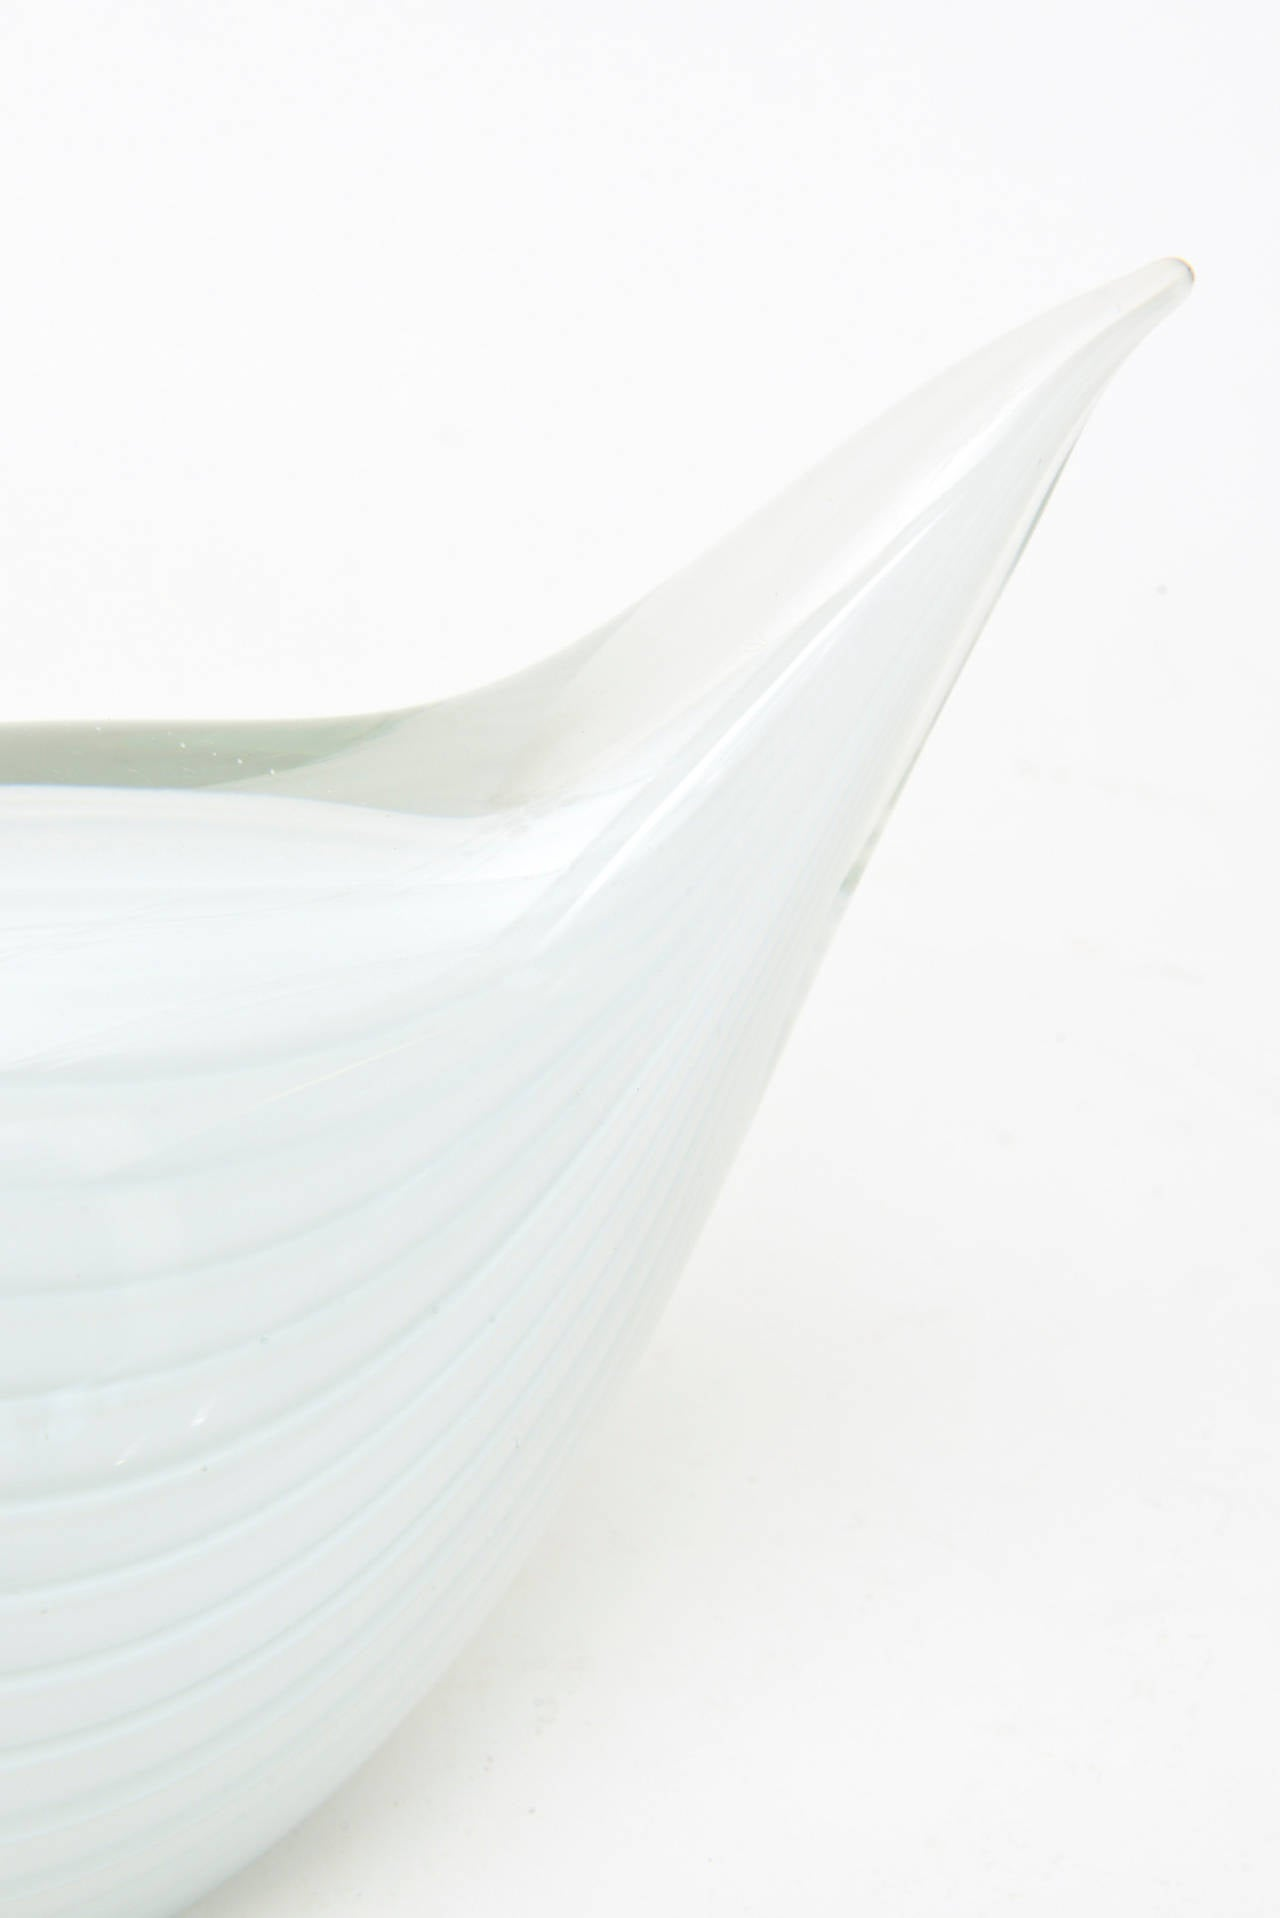 Murano Seguso White Swan Glass Sculpture For Sale 1